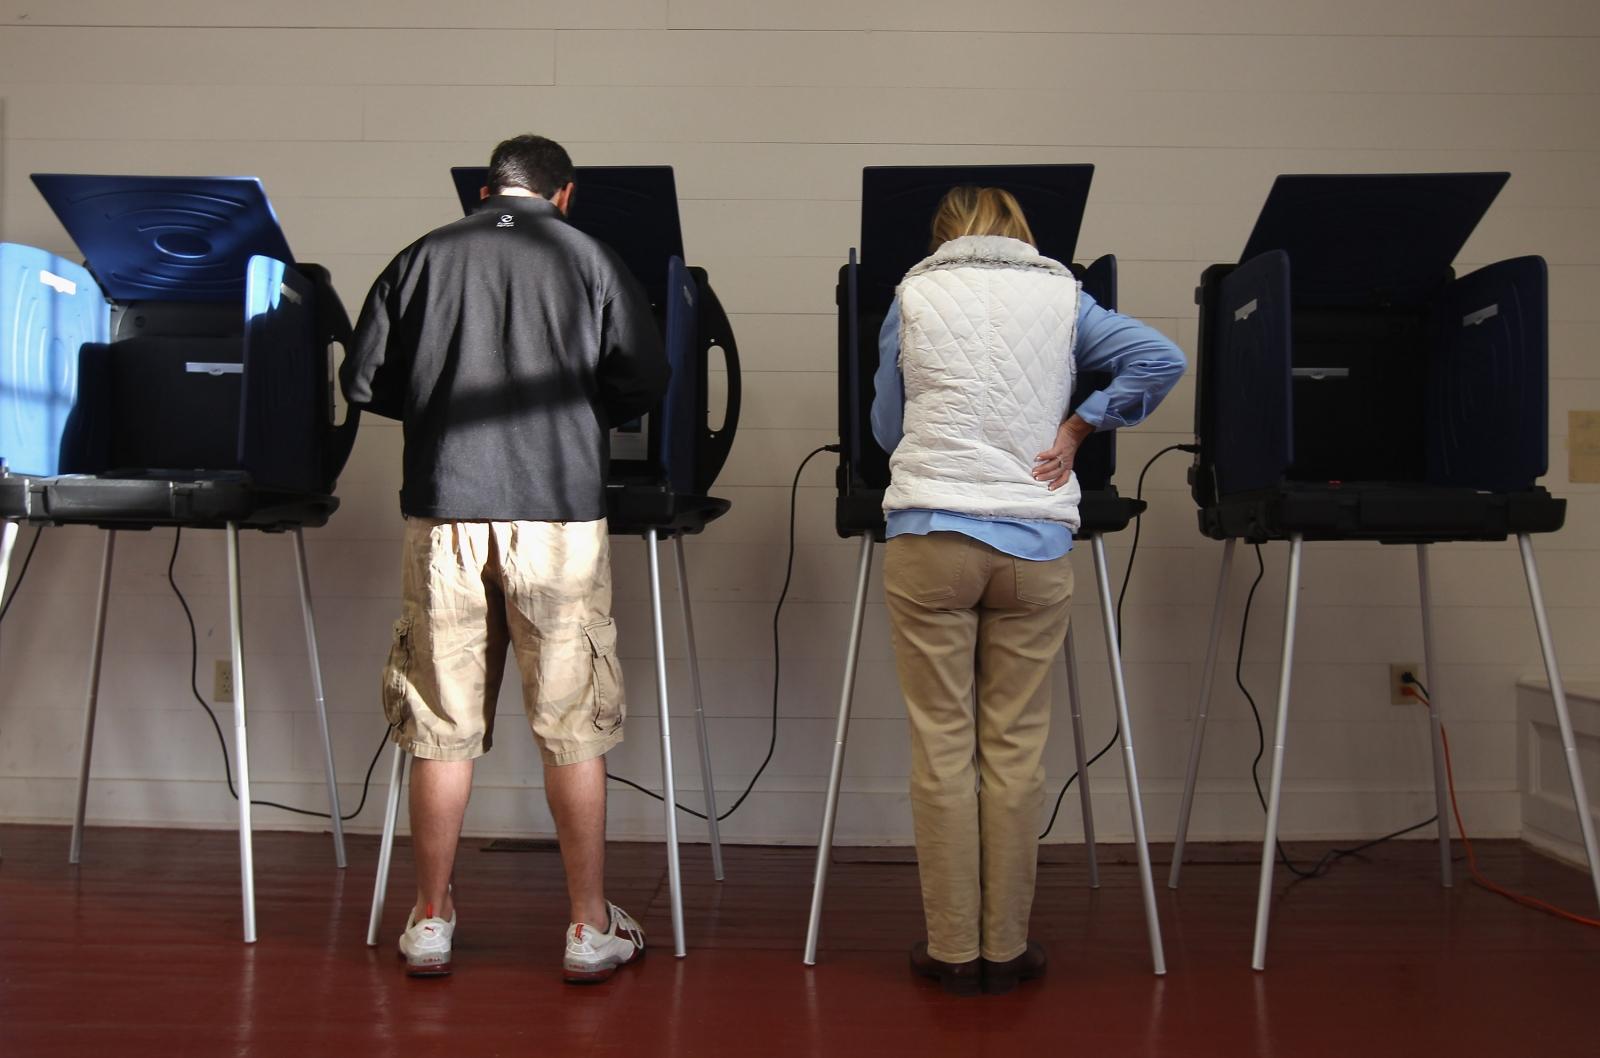 South Carolina voters